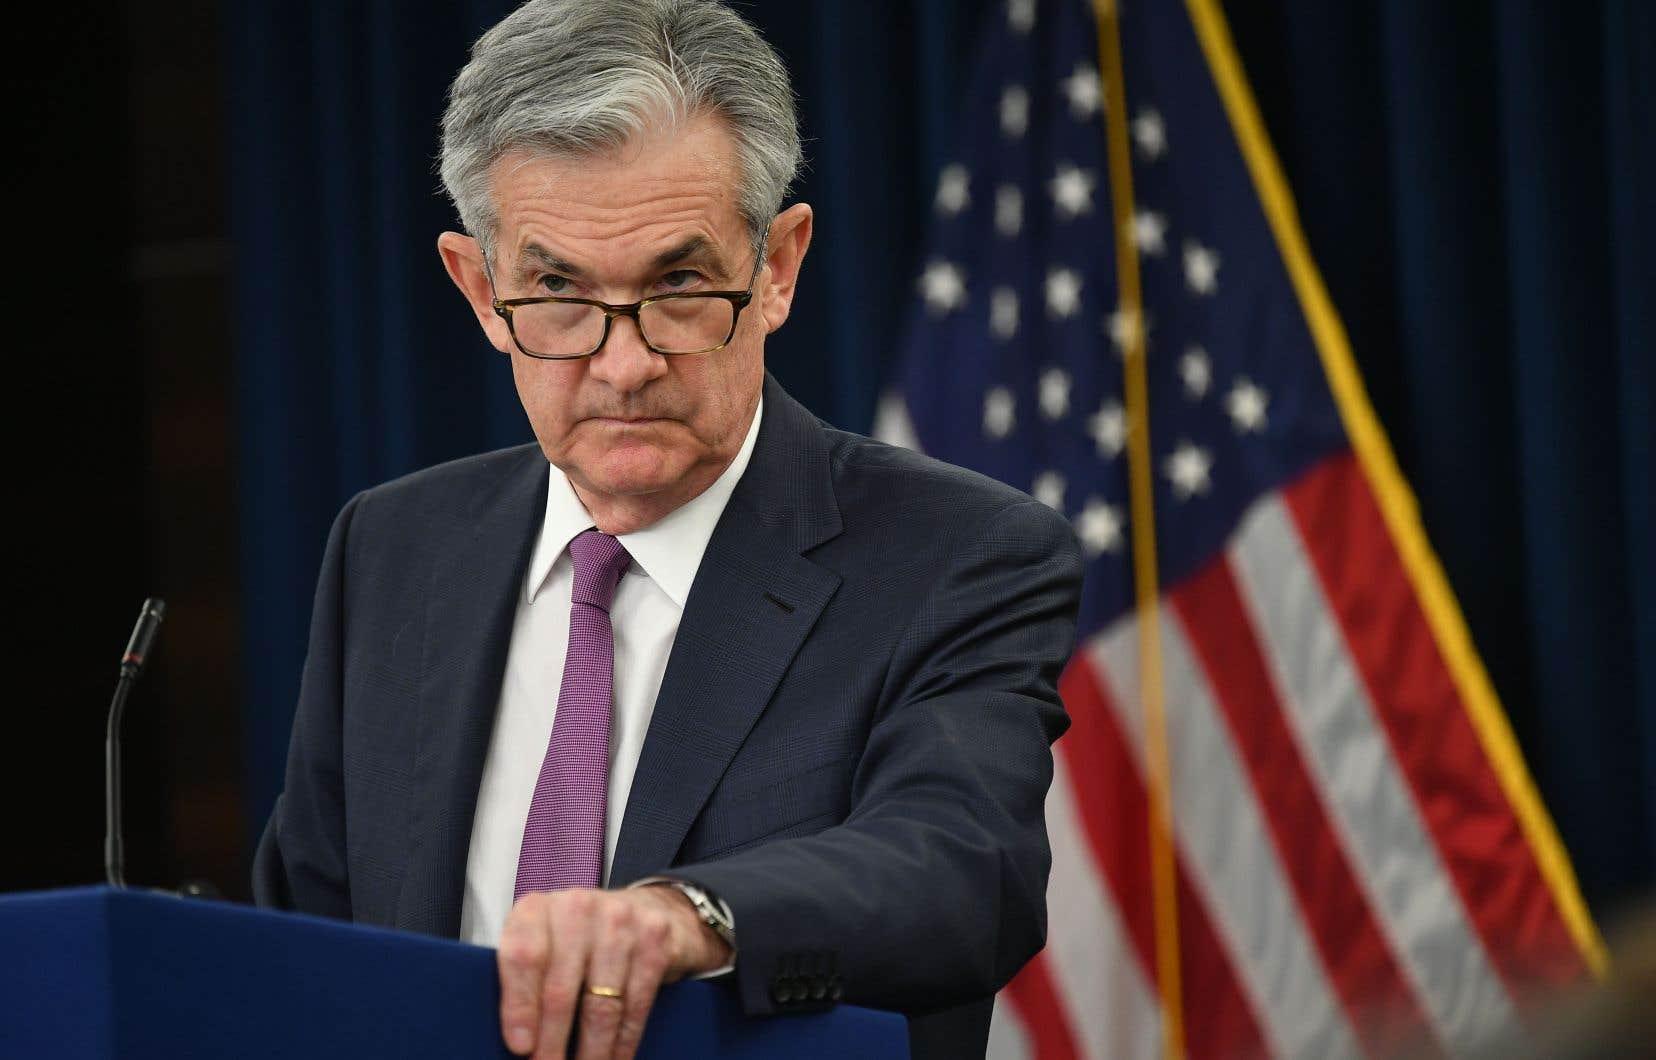 Le président de la Fed, Jerome Powell, a noté que les principaux indicateurs économiques étaient généralement «conformes aux attentes à long terme».